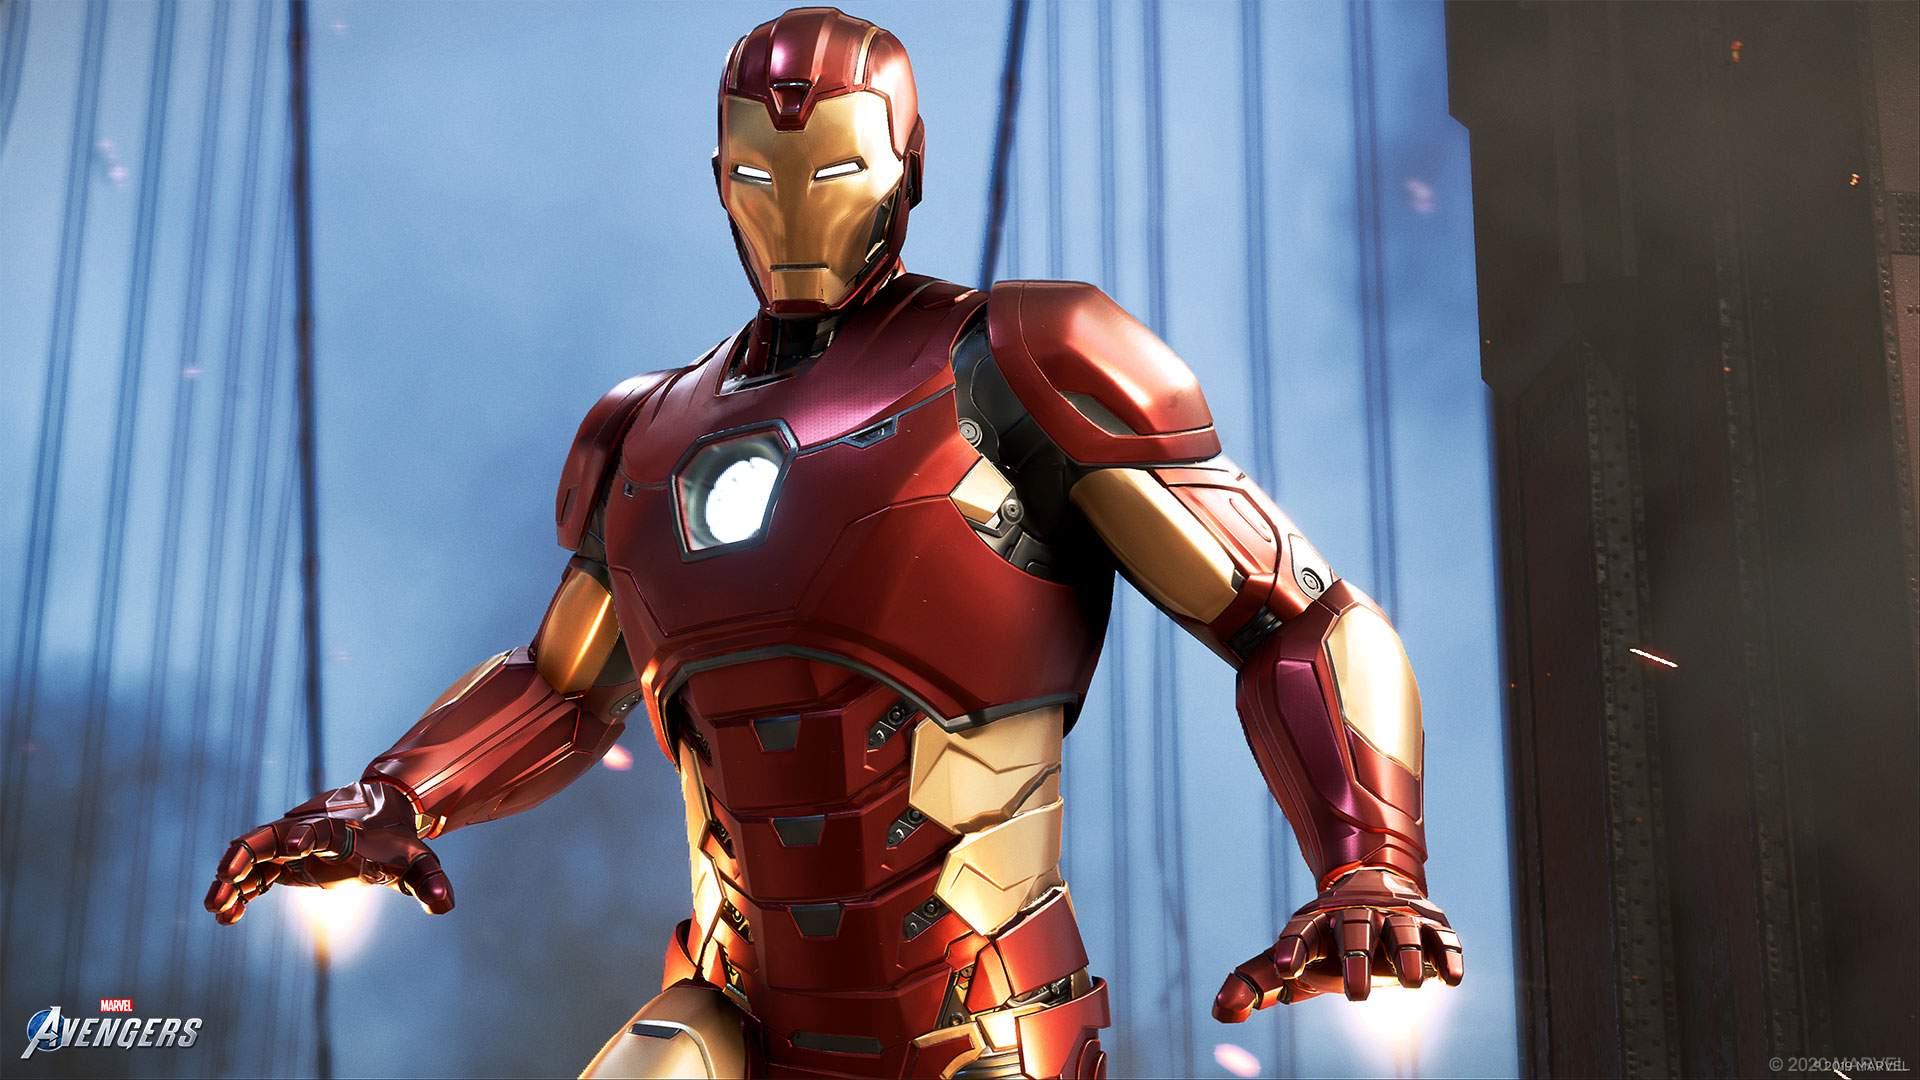 Assembling Marvel S Avengers Iron Man Square Enix